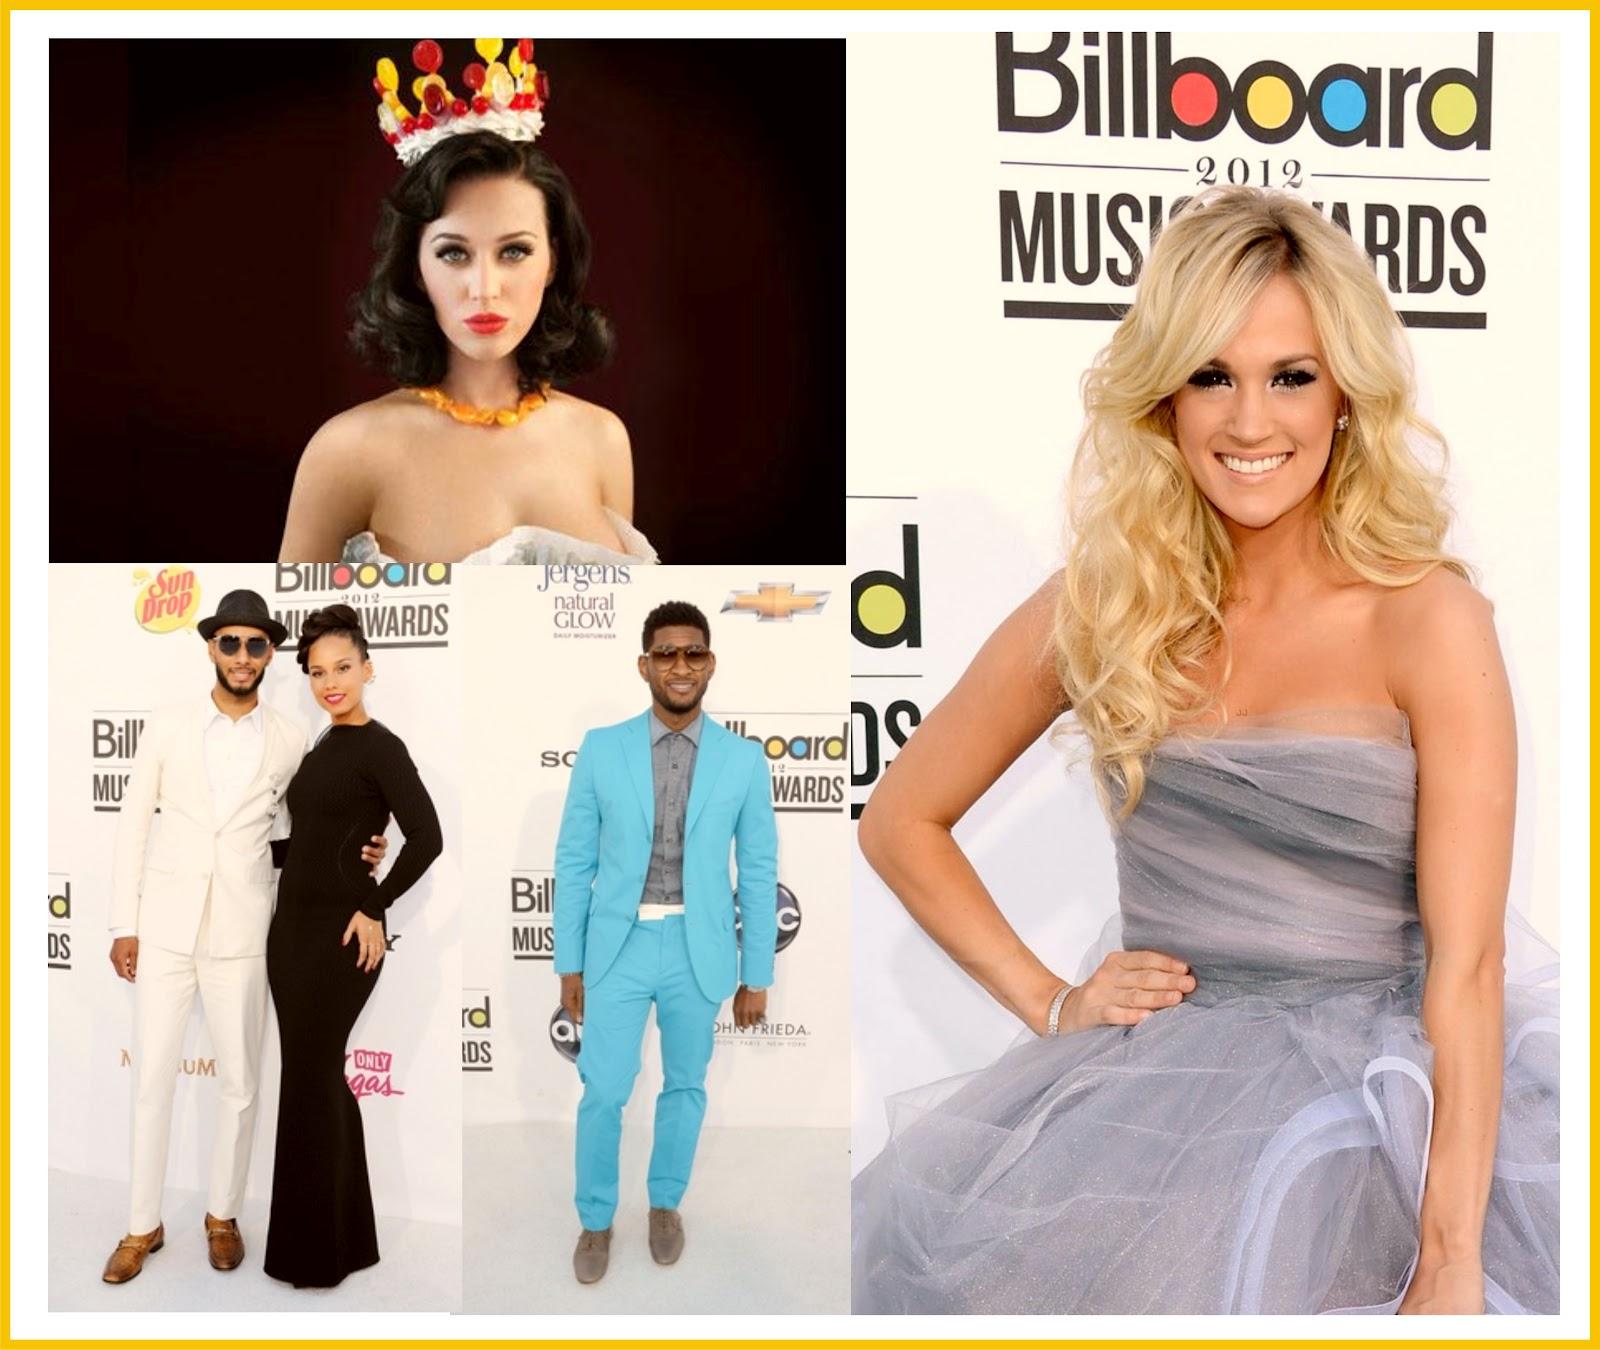 http://1.bp.blogspot.com/-YTgkZ3YMNoo/T7nF1NbqMRI/AAAAAAAAEe4/26bL61RvNKI/s1600/billboard.jpg